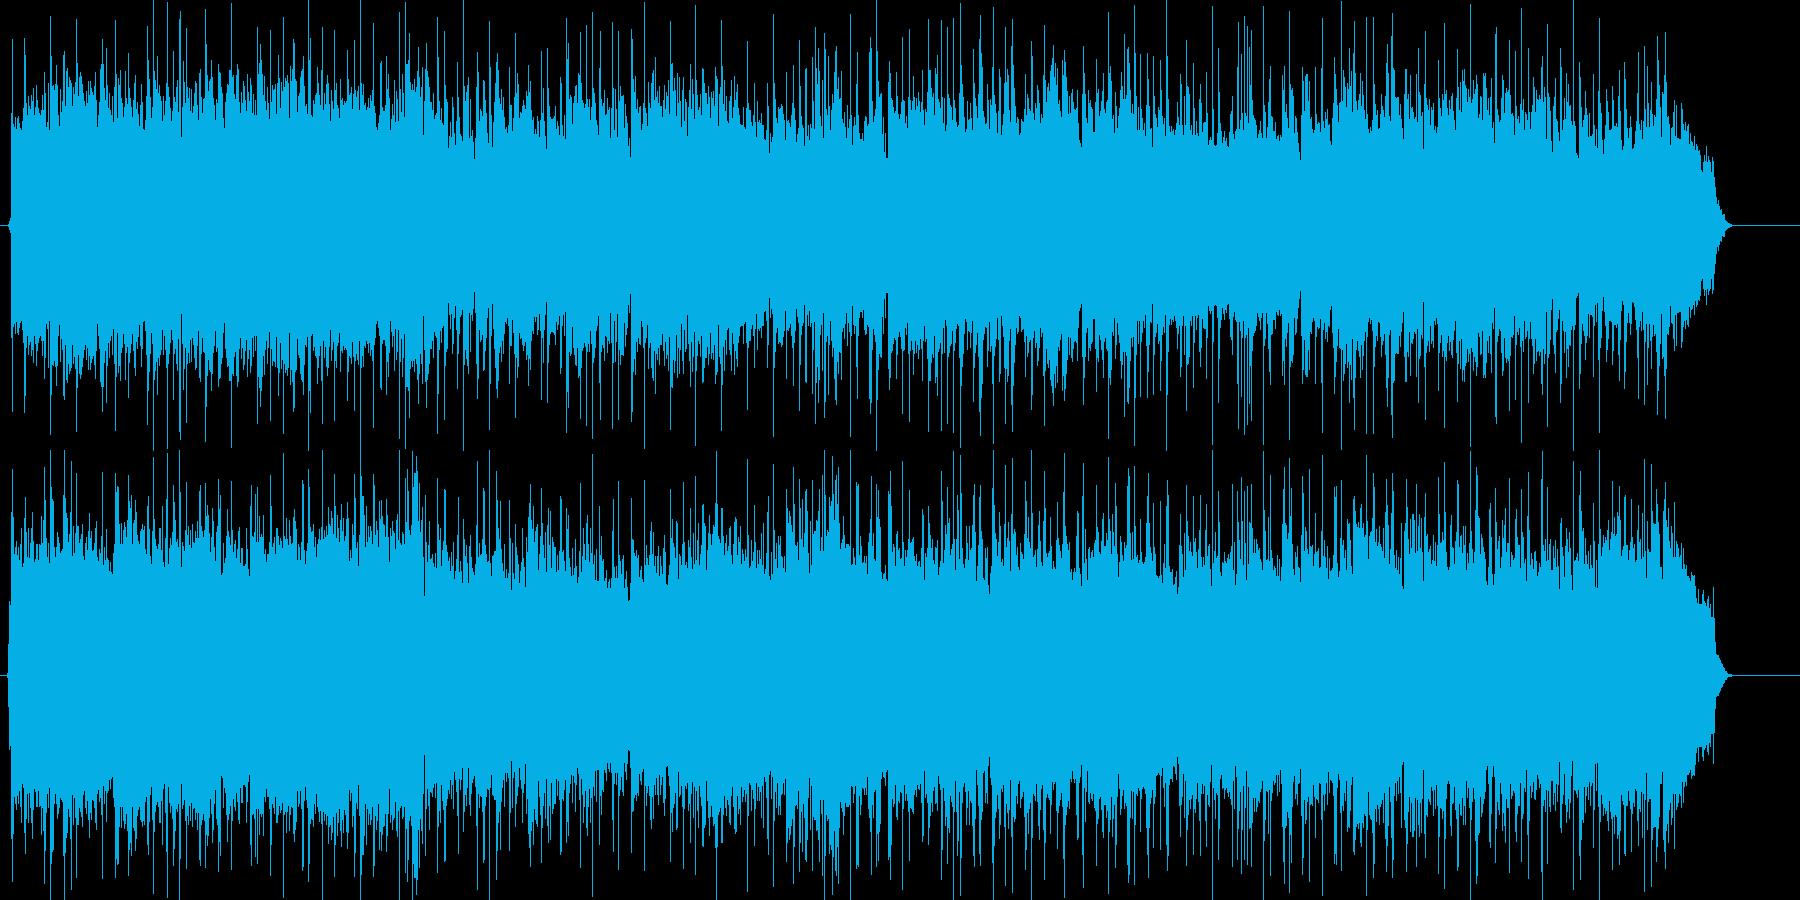 ギターメインの元気なポップロックの再生済みの波形